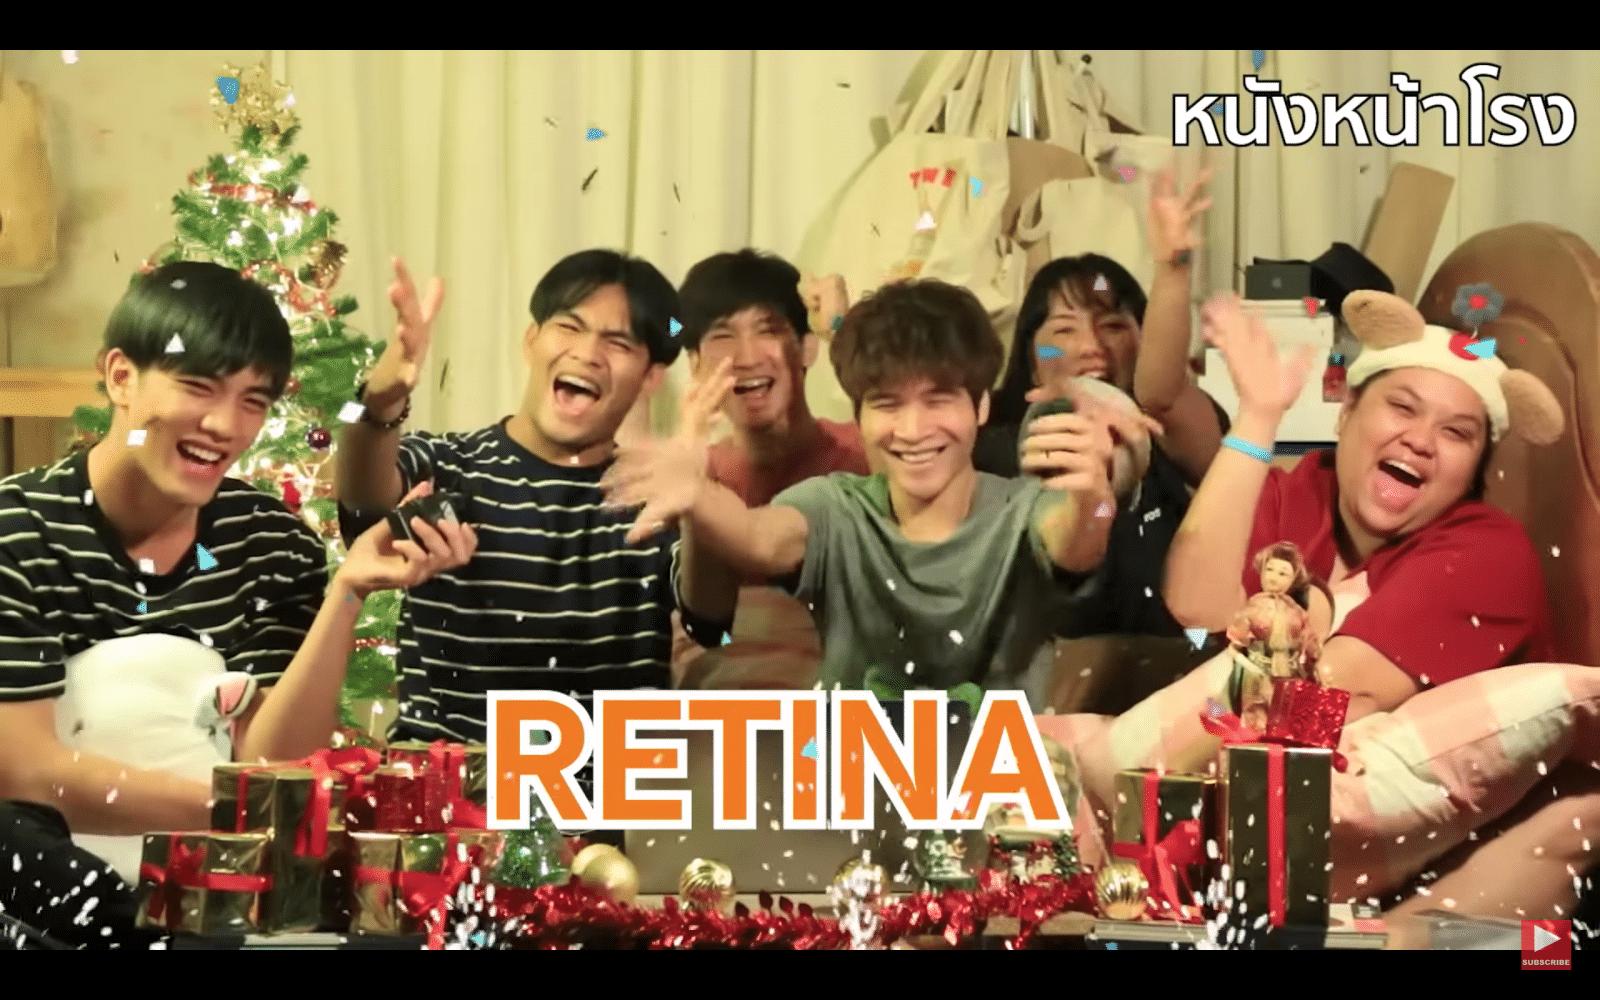 ช่องยูทูปหนังหน้าโรง ประกาศชื่อด้อมอย่างเป็นทางการ ชื่อว่าเรตินา (Retina)